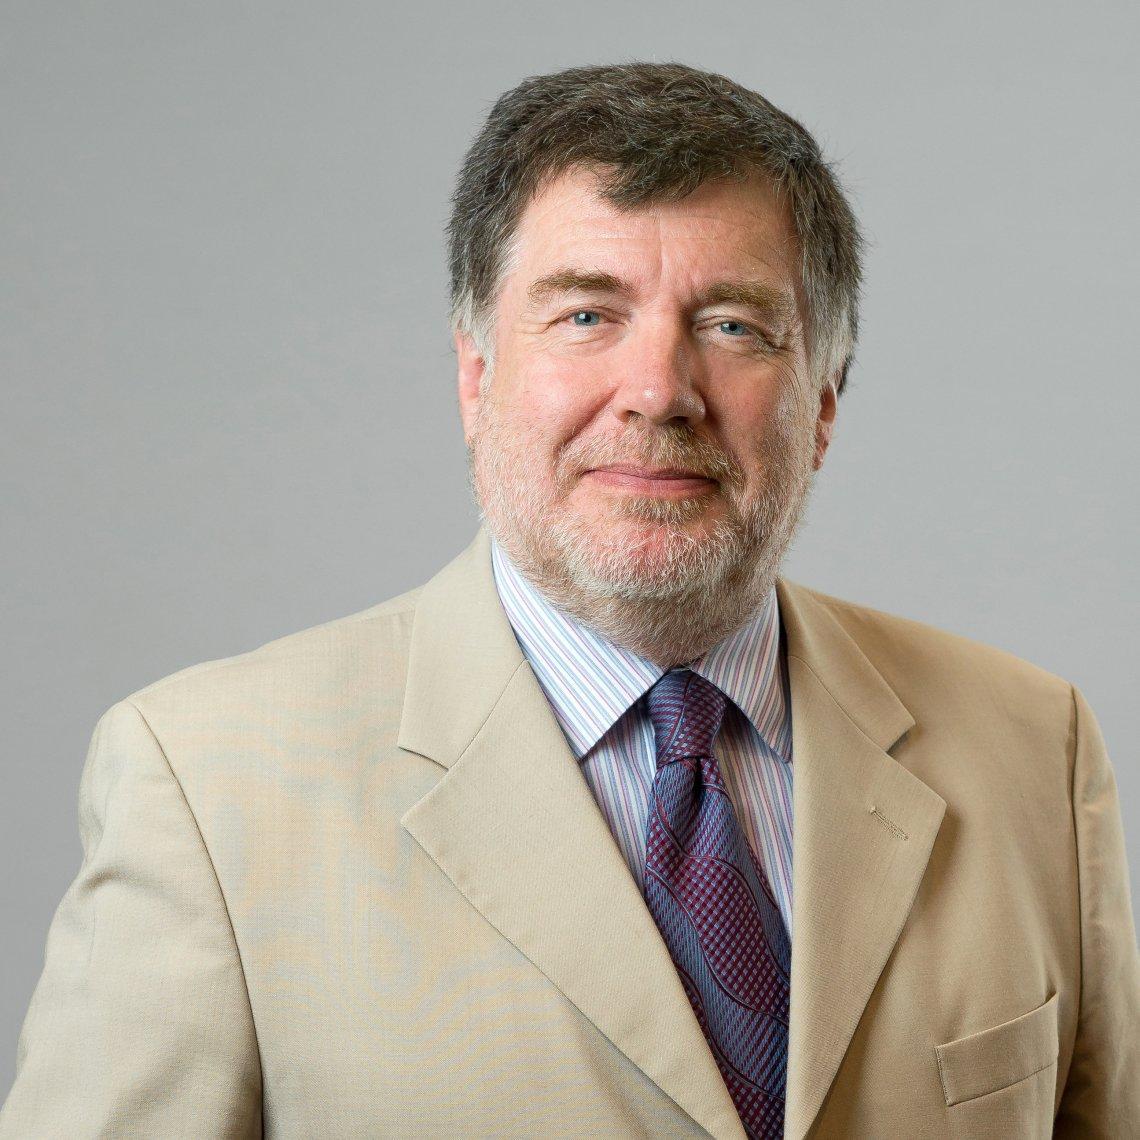 Professor Mike Barnes is a medicinal cannabis expert.